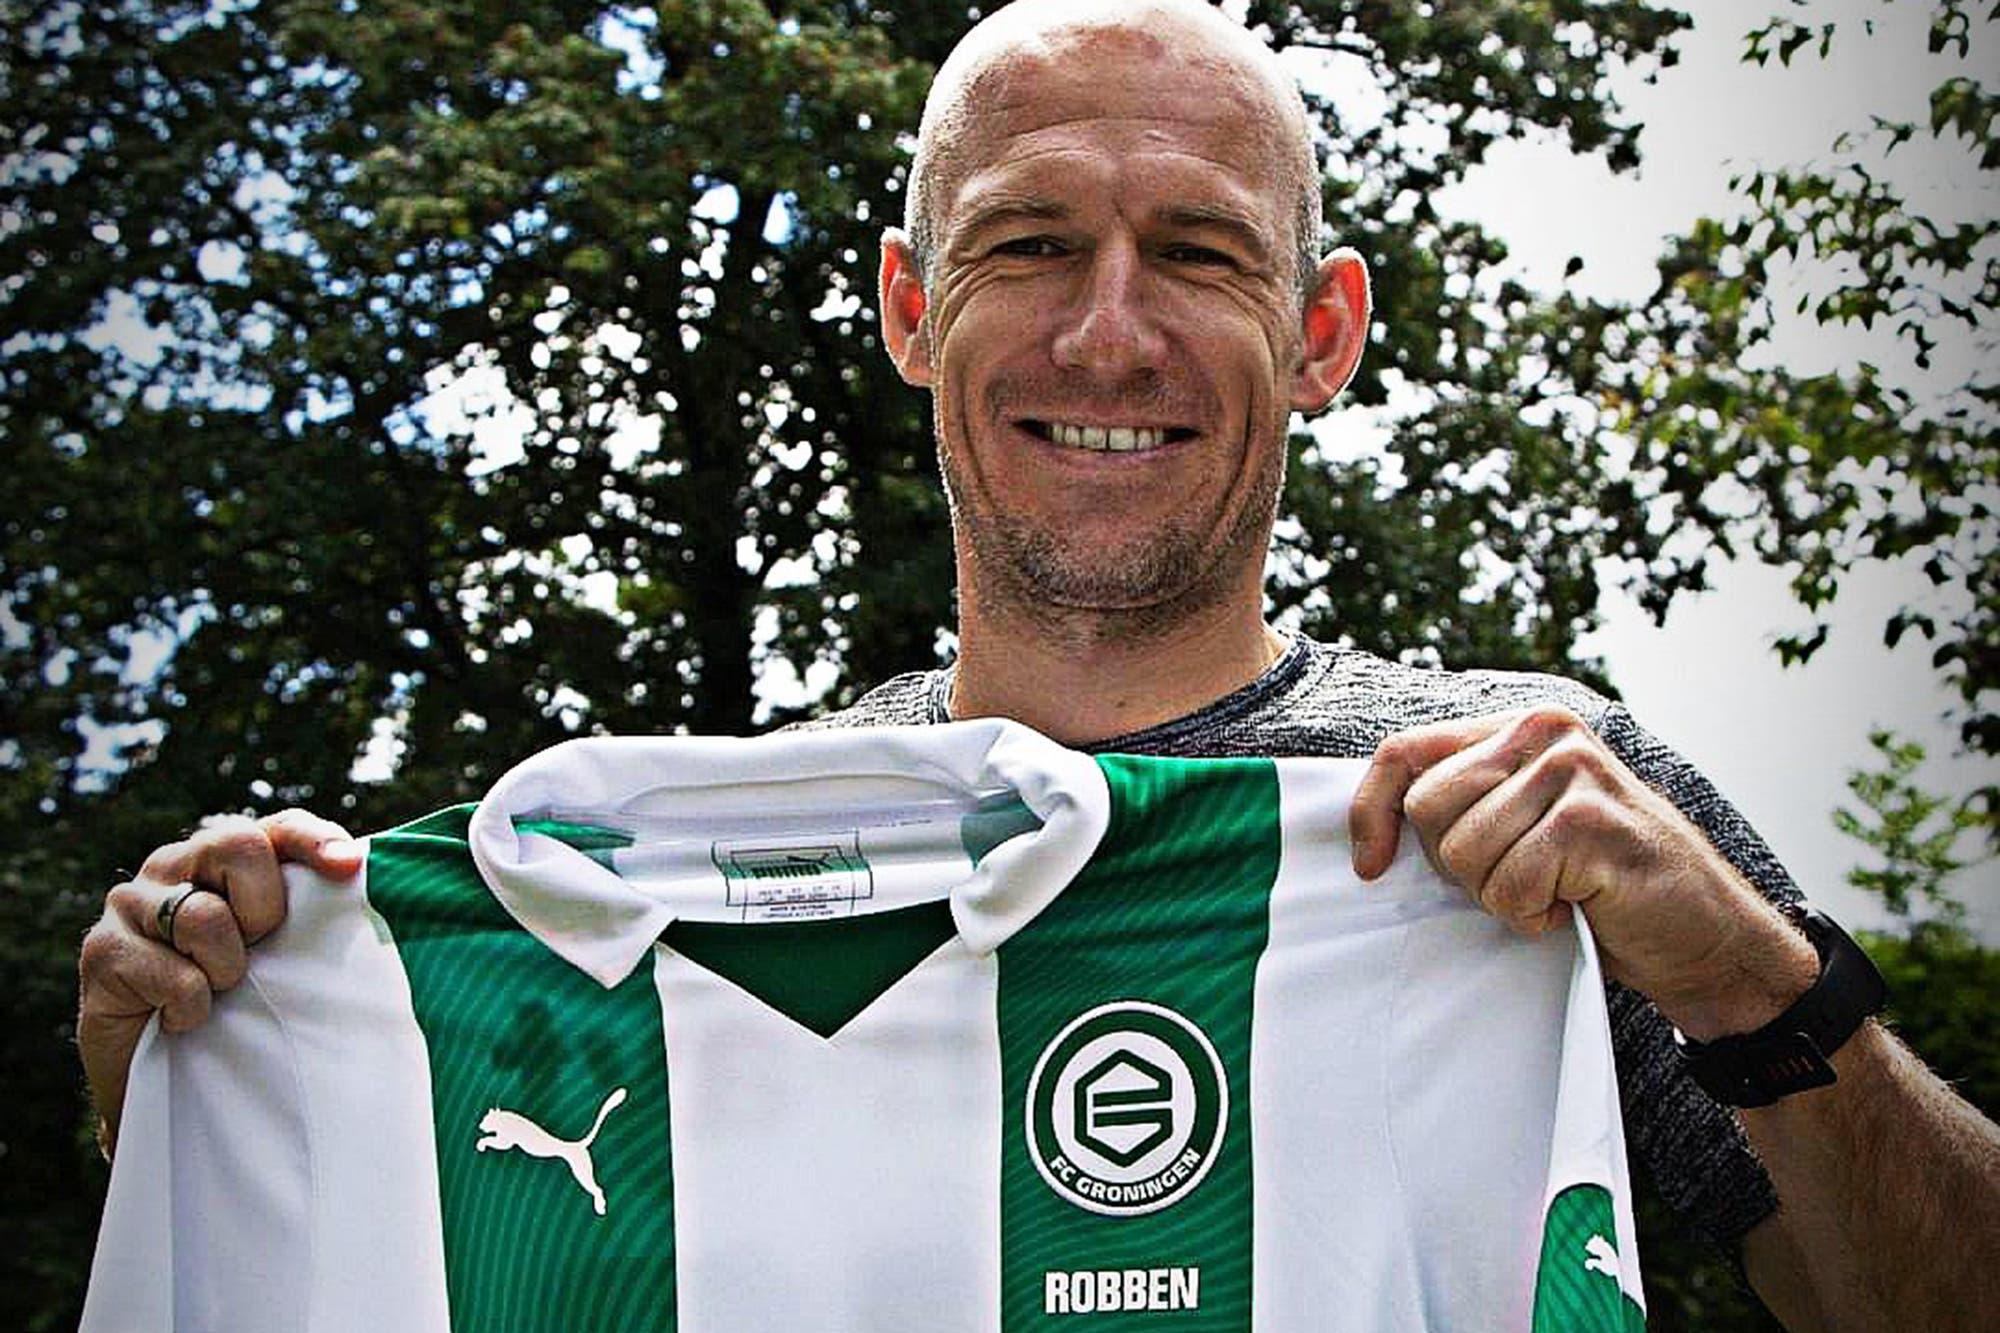 Duró poco retirado: a los 36 años, Arjen Robben anunció su regreso al fútbol